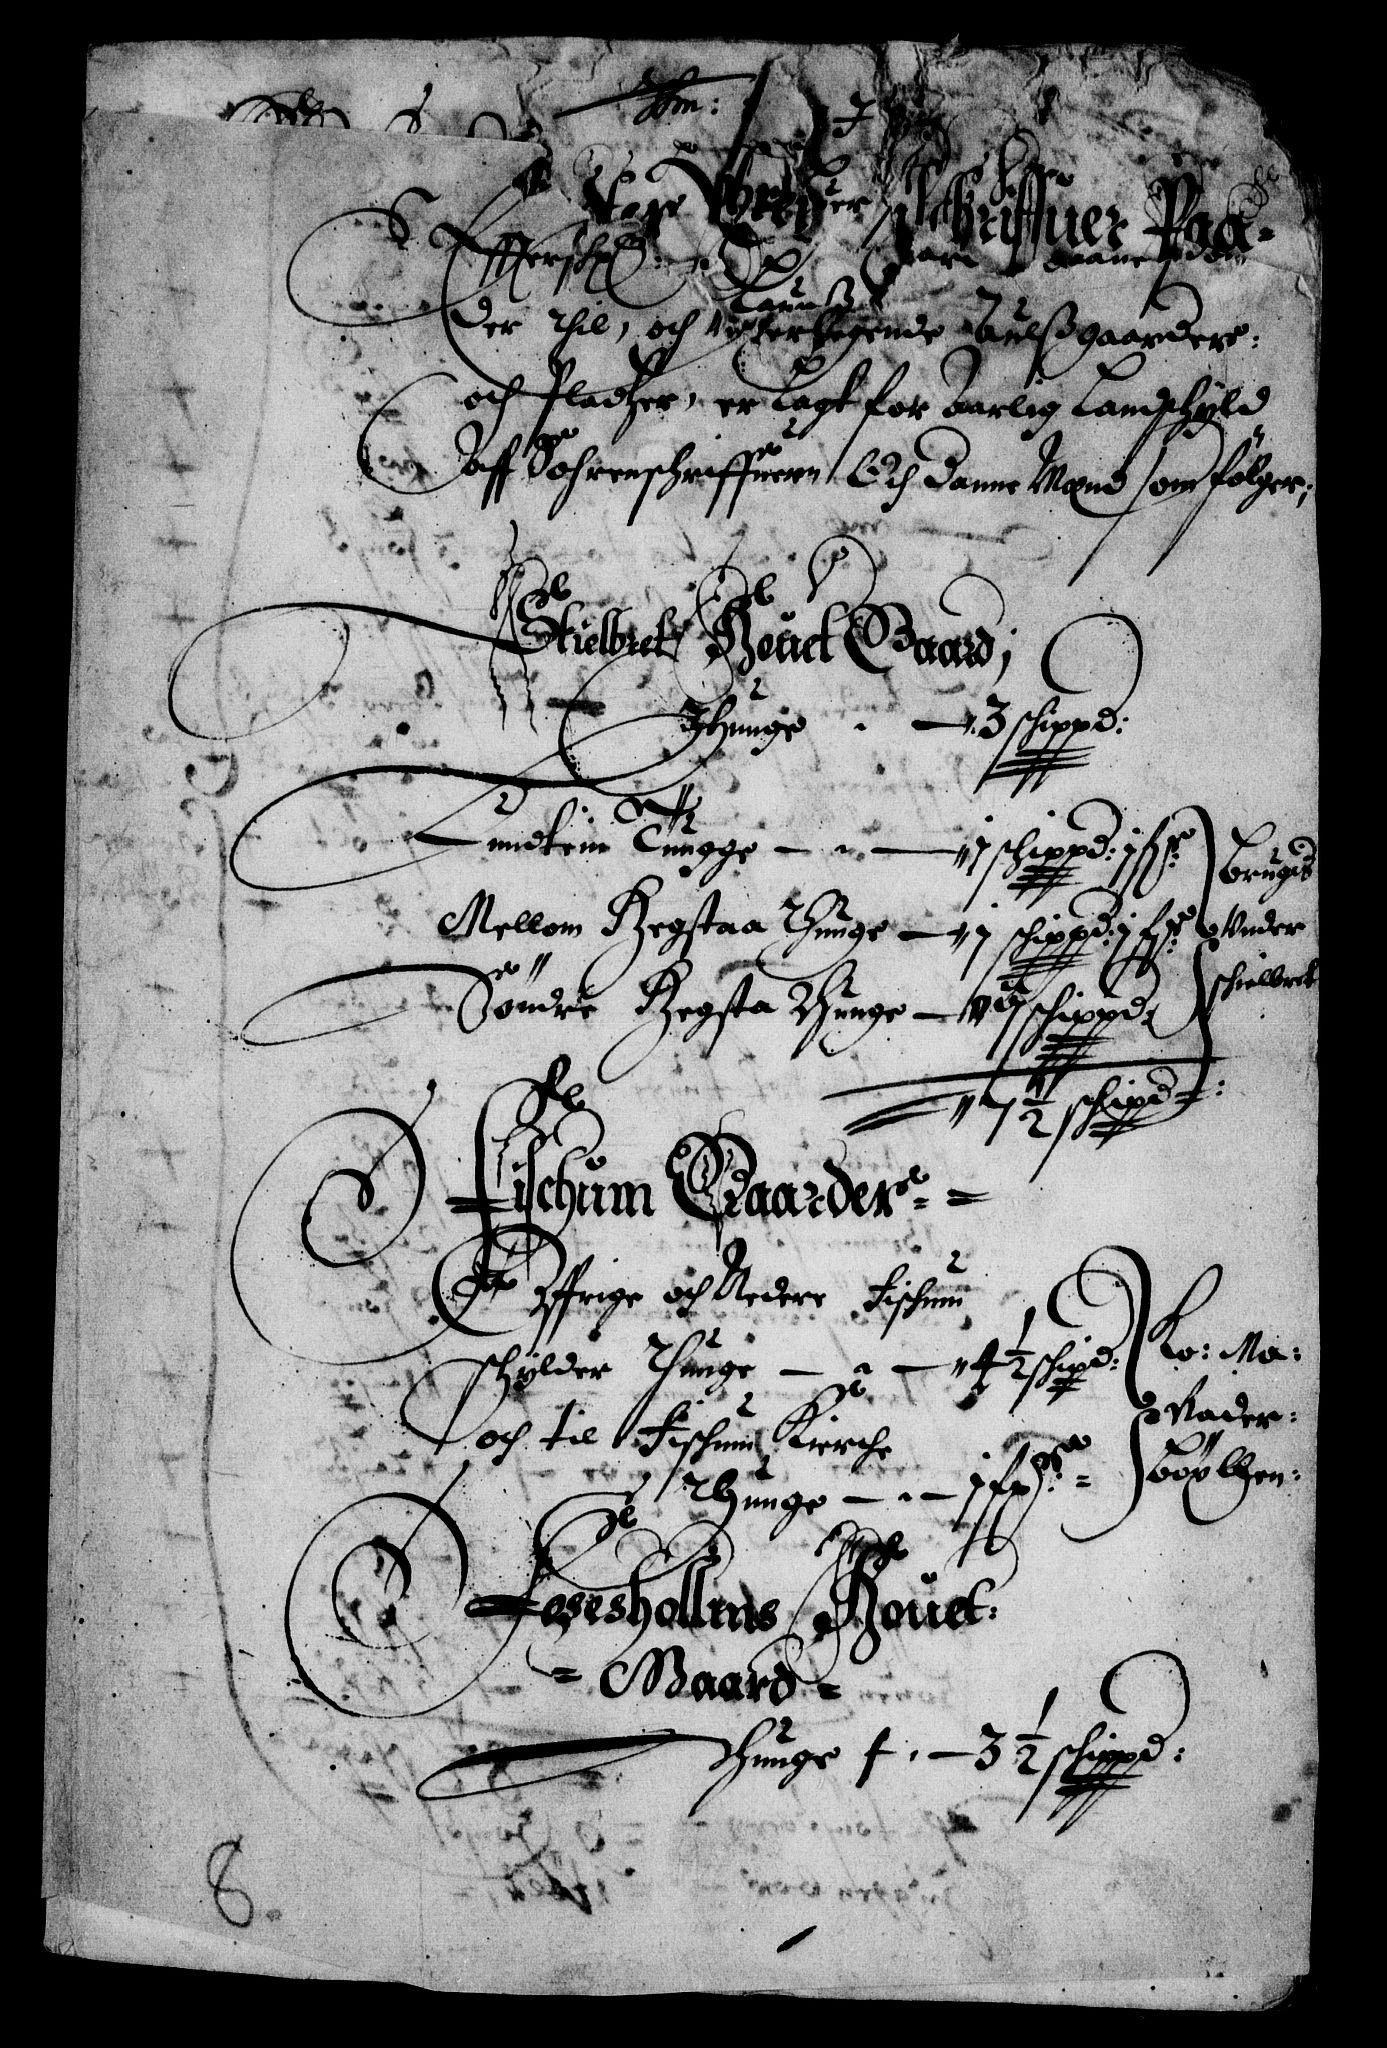 RA, Rentekammeret inntil 1814, Realistisk ordnet avdeling, On/L0013: [Jj 14]: Forskjellige dokumenter om krongodset i Norge, 1672-1722, s. 59